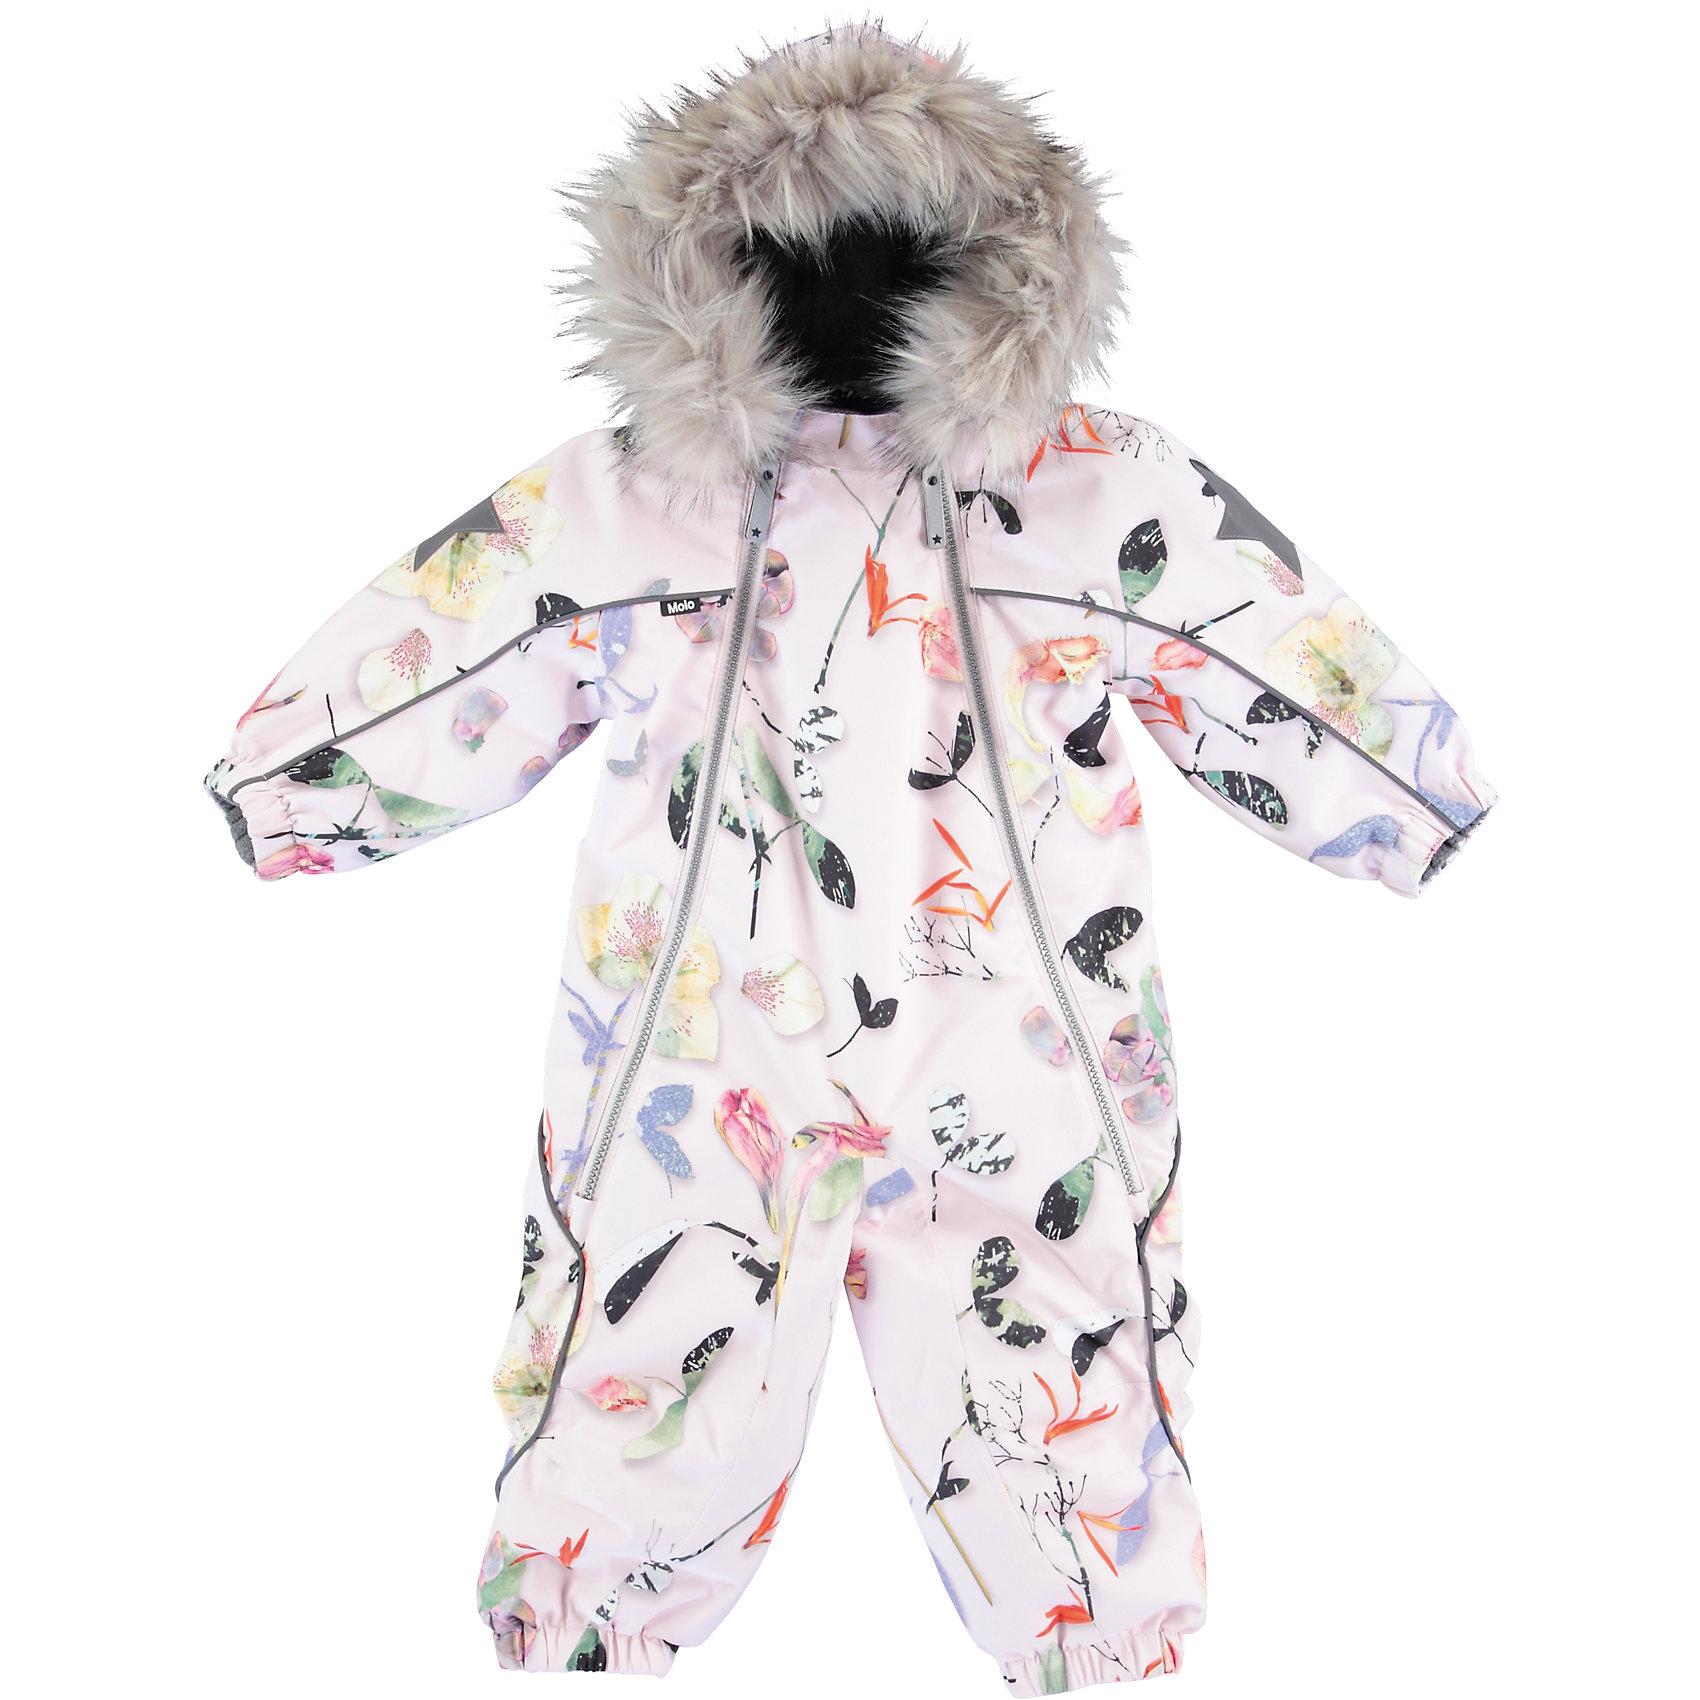 Комбинезон MOLO для девочкиВерхняя одежда<br>Зимний комбинезон Molo <br>• состав: 100% нейлон, 100% полиэстер<br>• температурный режим: 0° до -25° градусов<br>• утеплитель:  ThinsulateTM  прекрасно сохраняющий тепло,  позволяет телу дышать и остается при этом сухим и легким<br>• водонепроницаемость: 10 000 мм<br>• отвод влаги: 8 000 г/м2/24ч<br>• основные швы проклеены<br>• съёмный капюшон<br>• удобные молнии<br>• «дышащий» материал<br>• ветро- водо- и грязеотталкивающий материал<br>• ветрозащитная планка<br>• комфортная посадка<br>• прочные съёмные силиконовые штрипки<br>• страна производства: Китай<br>• страна бренда: Дания <br> Фантастический и причудливый датский бренд Molo это самый актуальный и стильный дизайн в детской одежде для маленьких модников.<br><br>Ширина мм: 215<br>Глубина мм: 88<br>Высота мм: 191<br>Вес г: 336<br>Цвет: белый<br>Возраст от месяцев: 18<br>Возраст до месяцев: 24<br>Пол: Женский<br>Возраст: Детский<br>Размер: 92,98,86,80<br>SKU: 6995021